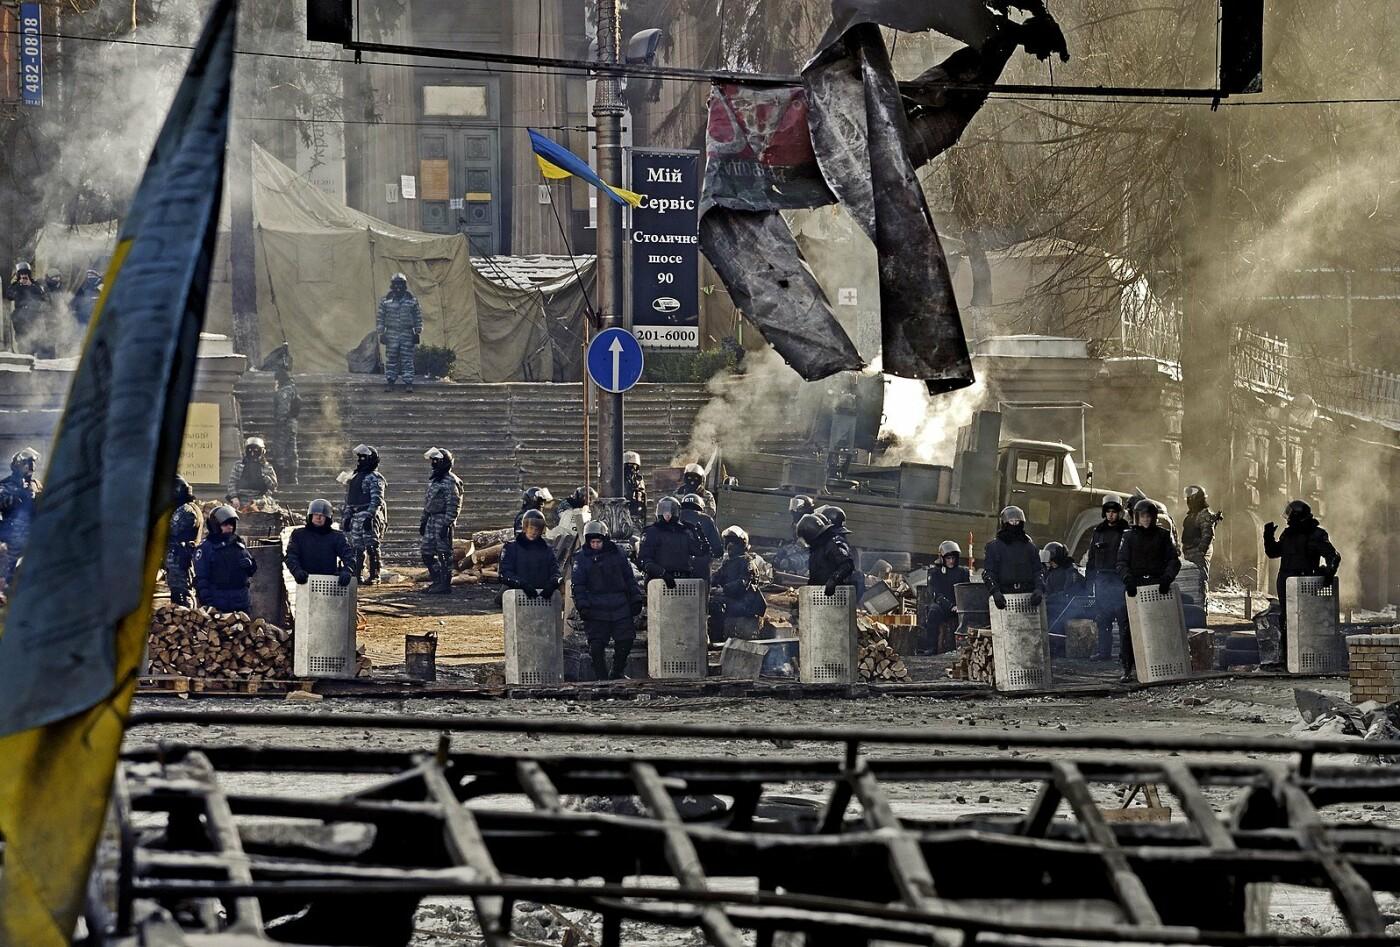 Произведение искусства: история Национального художественного музея Украины в Киеве, - ФОТО, Фото: Википедия